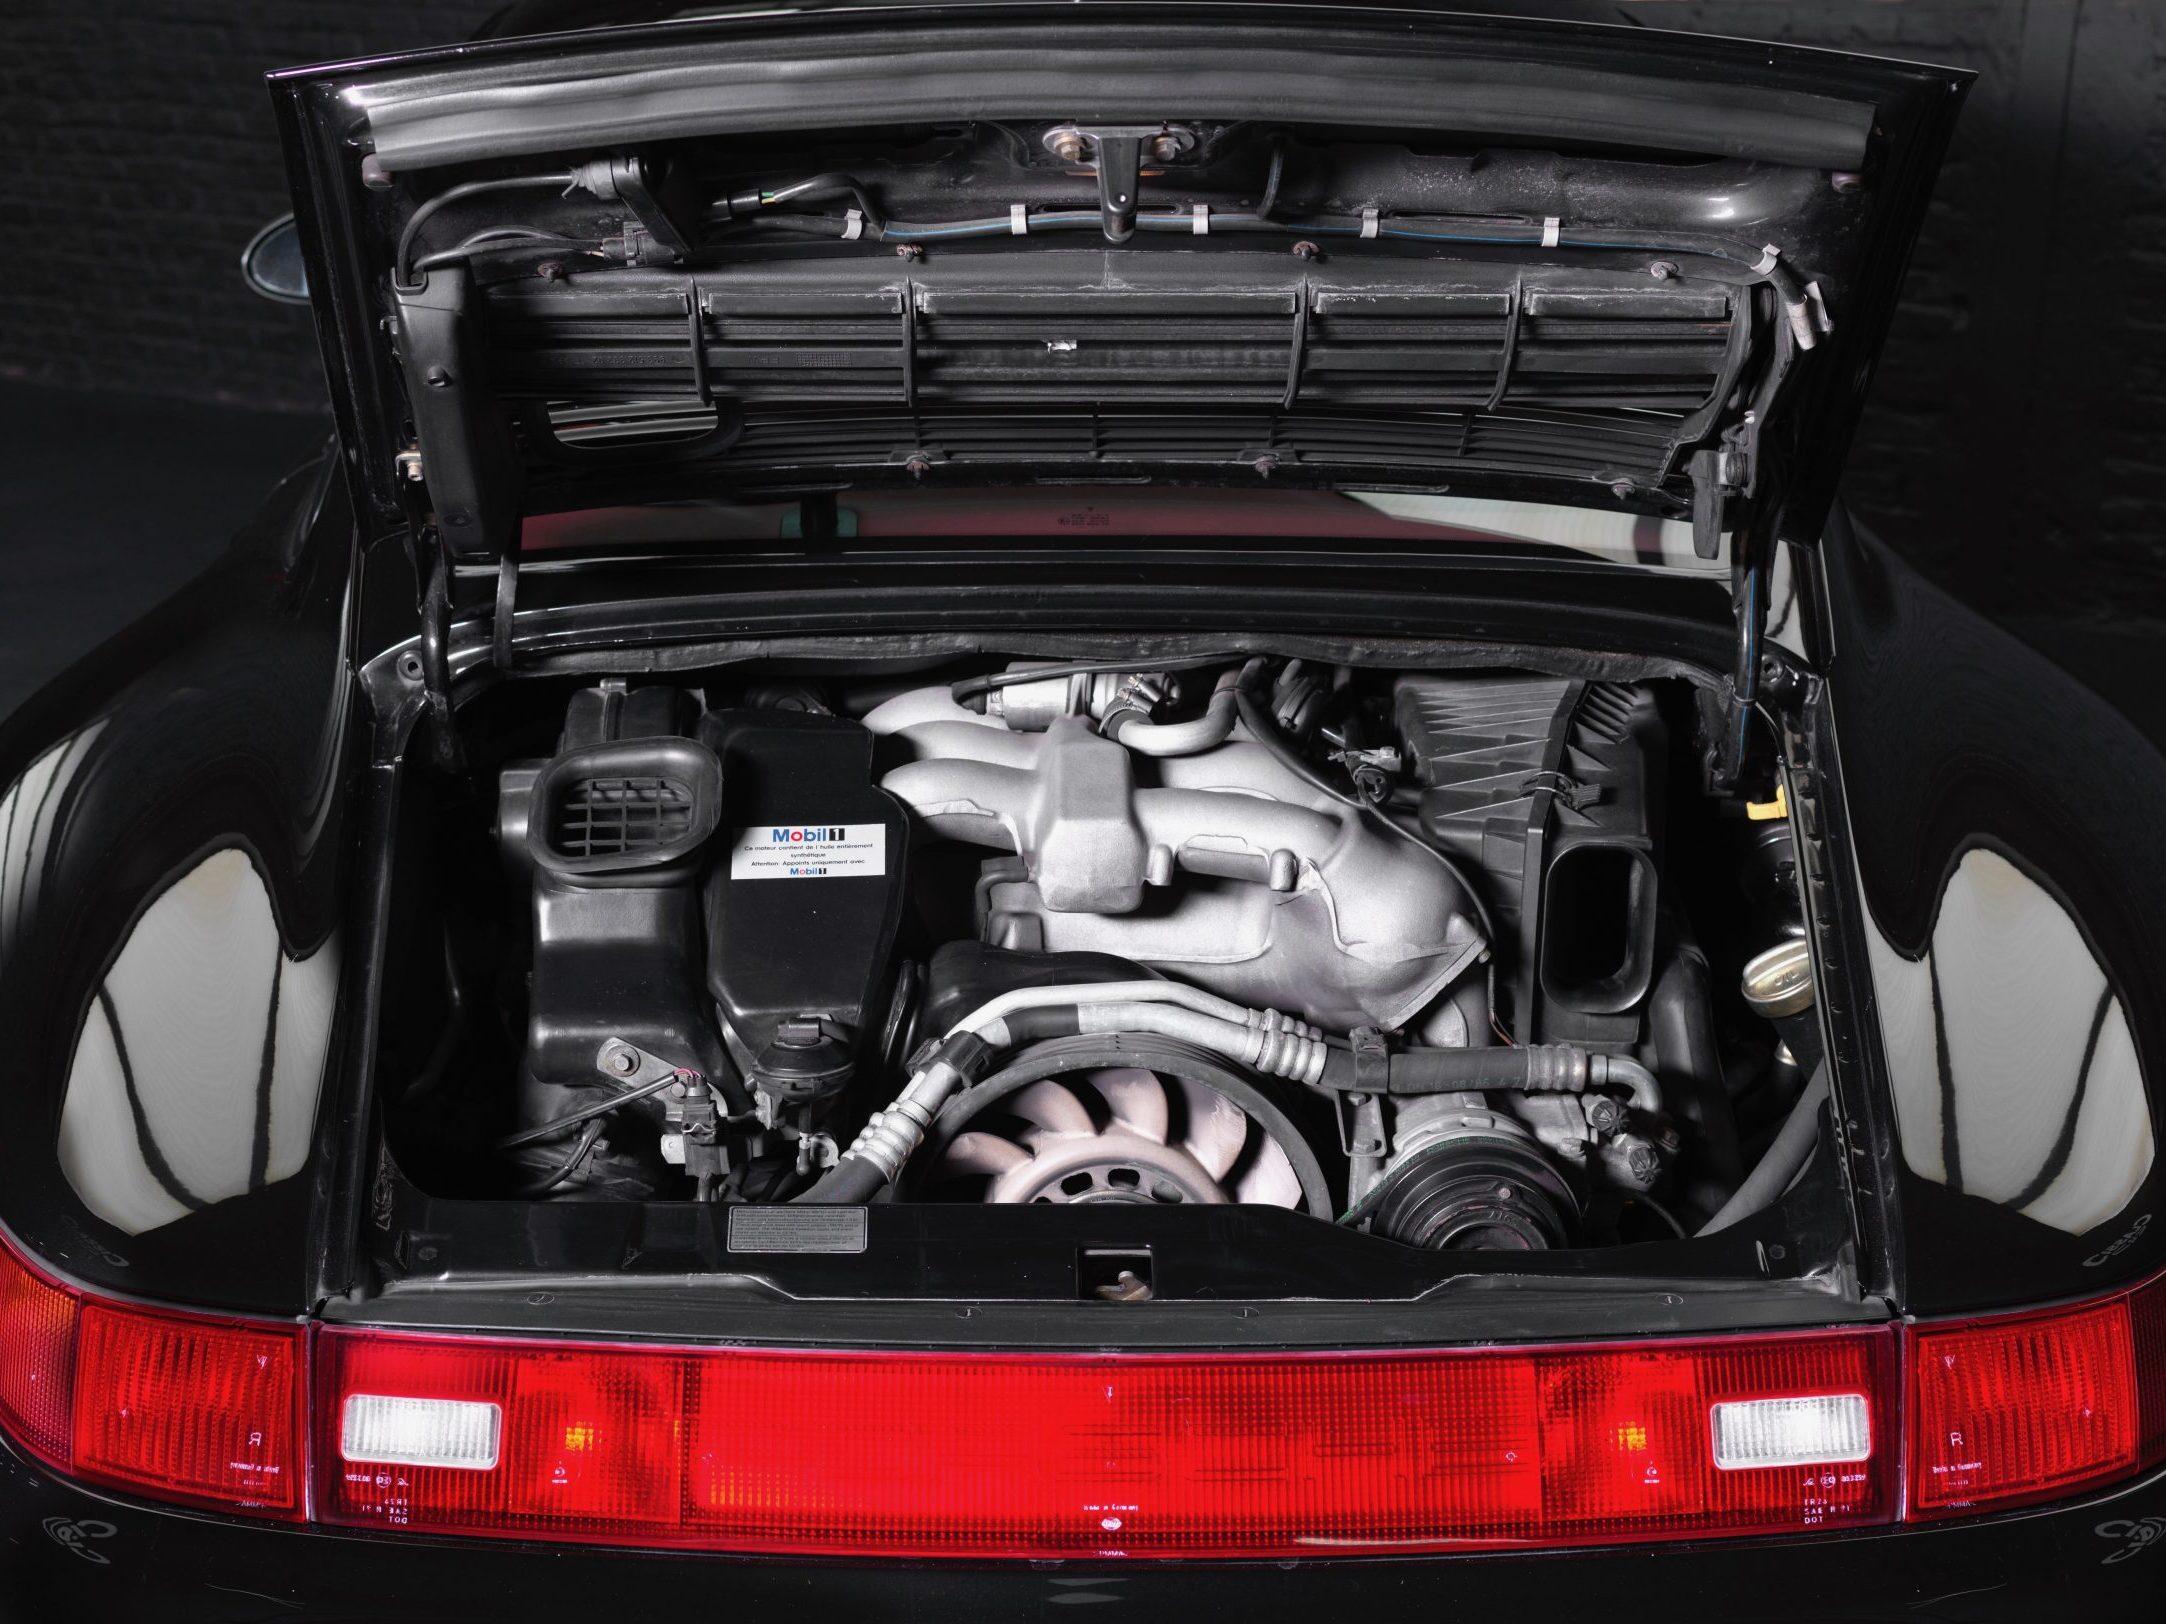 Photo du moteur d'une Porsche 993 4S noire de 1996 en vente chez CLASSIC 42 - Achat/Vente de voitures classiques allemandes www.classic42.be